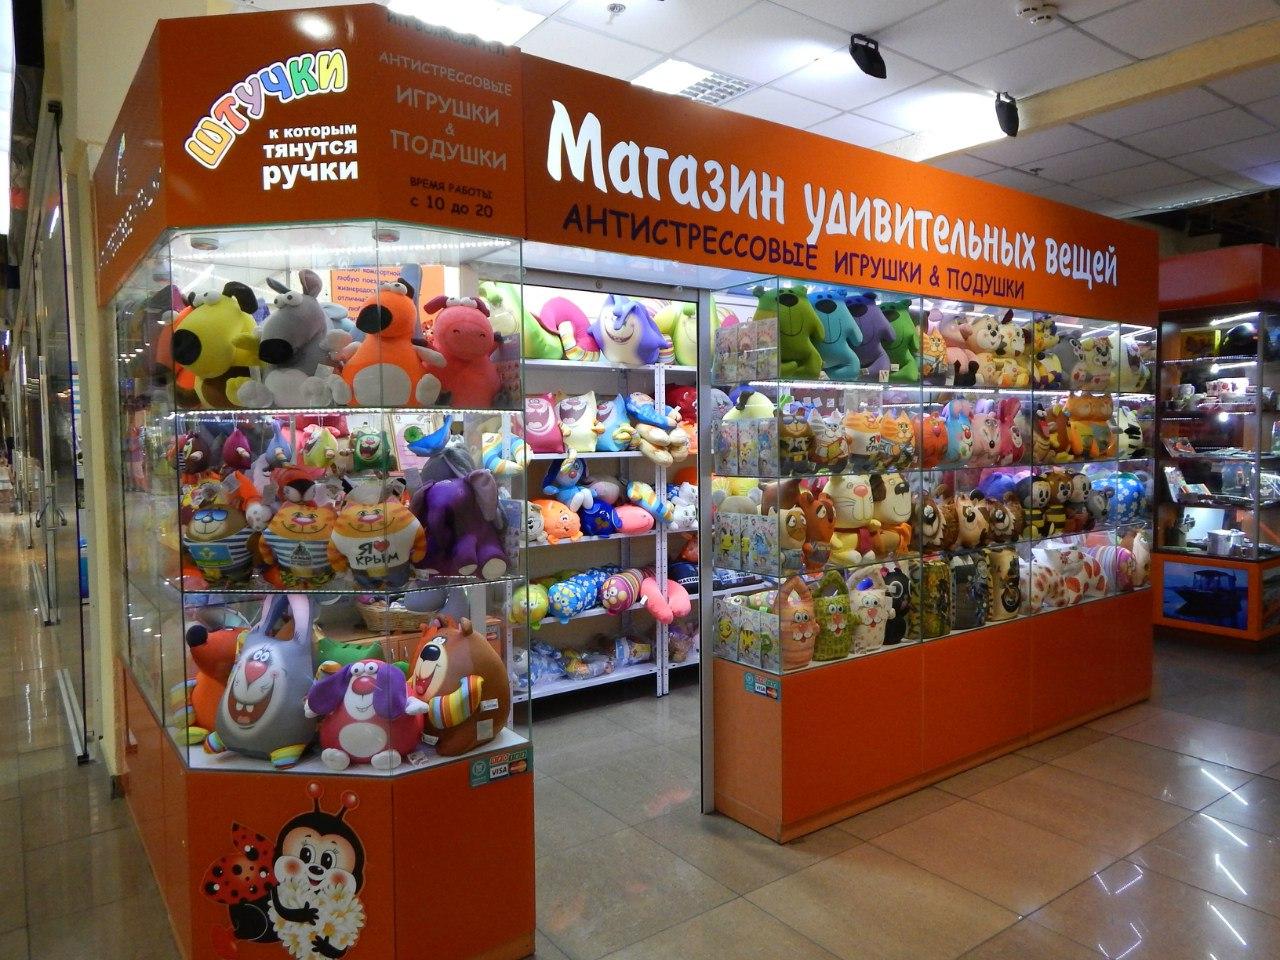 Детские игрушки Севастополь